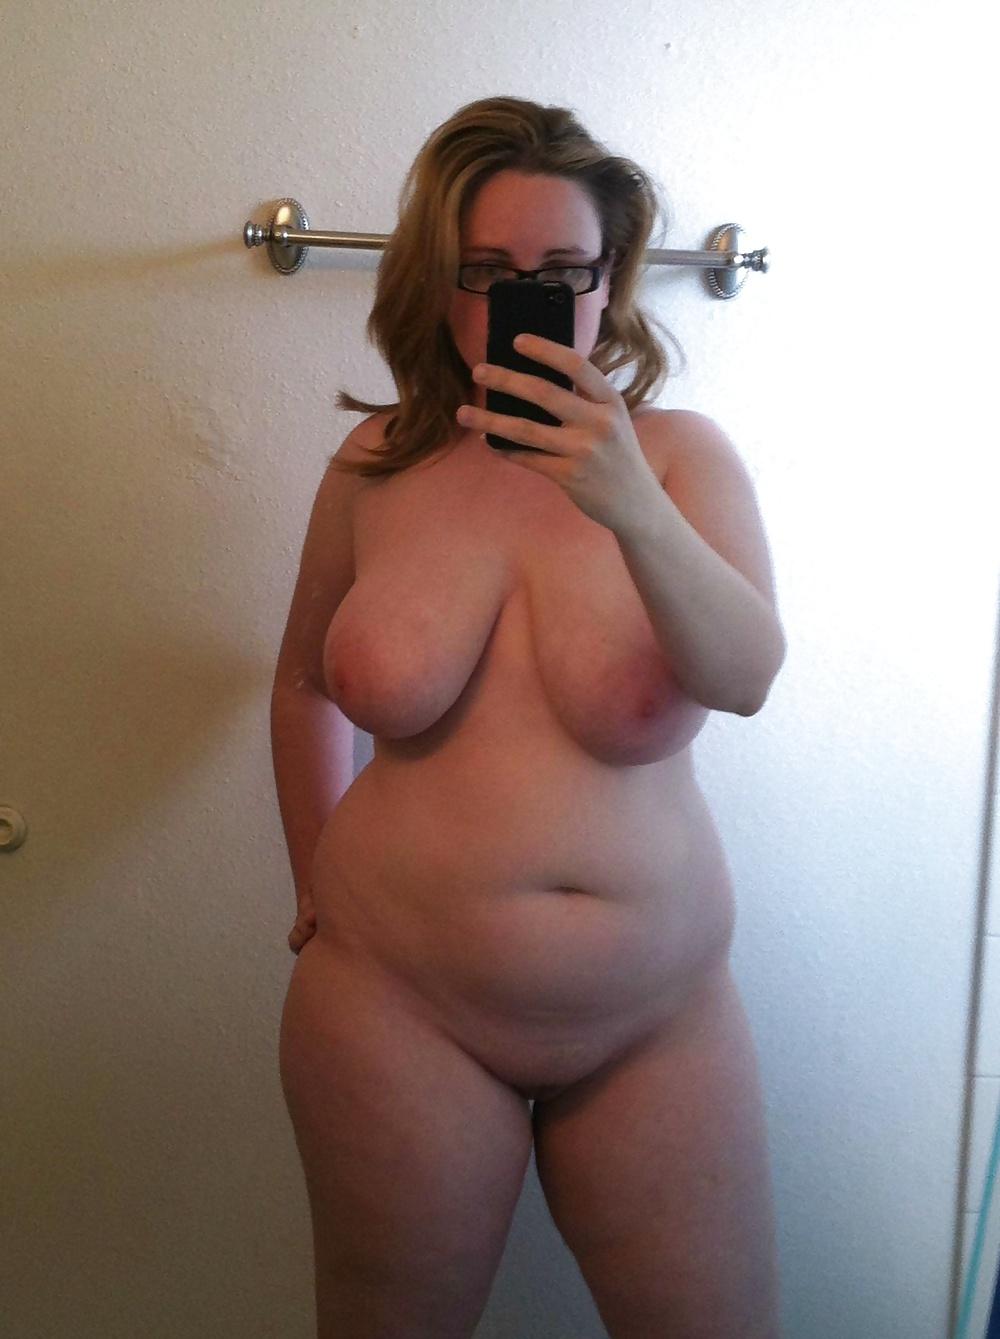 self-shot-chubby-milf-banging-babes-free-porn